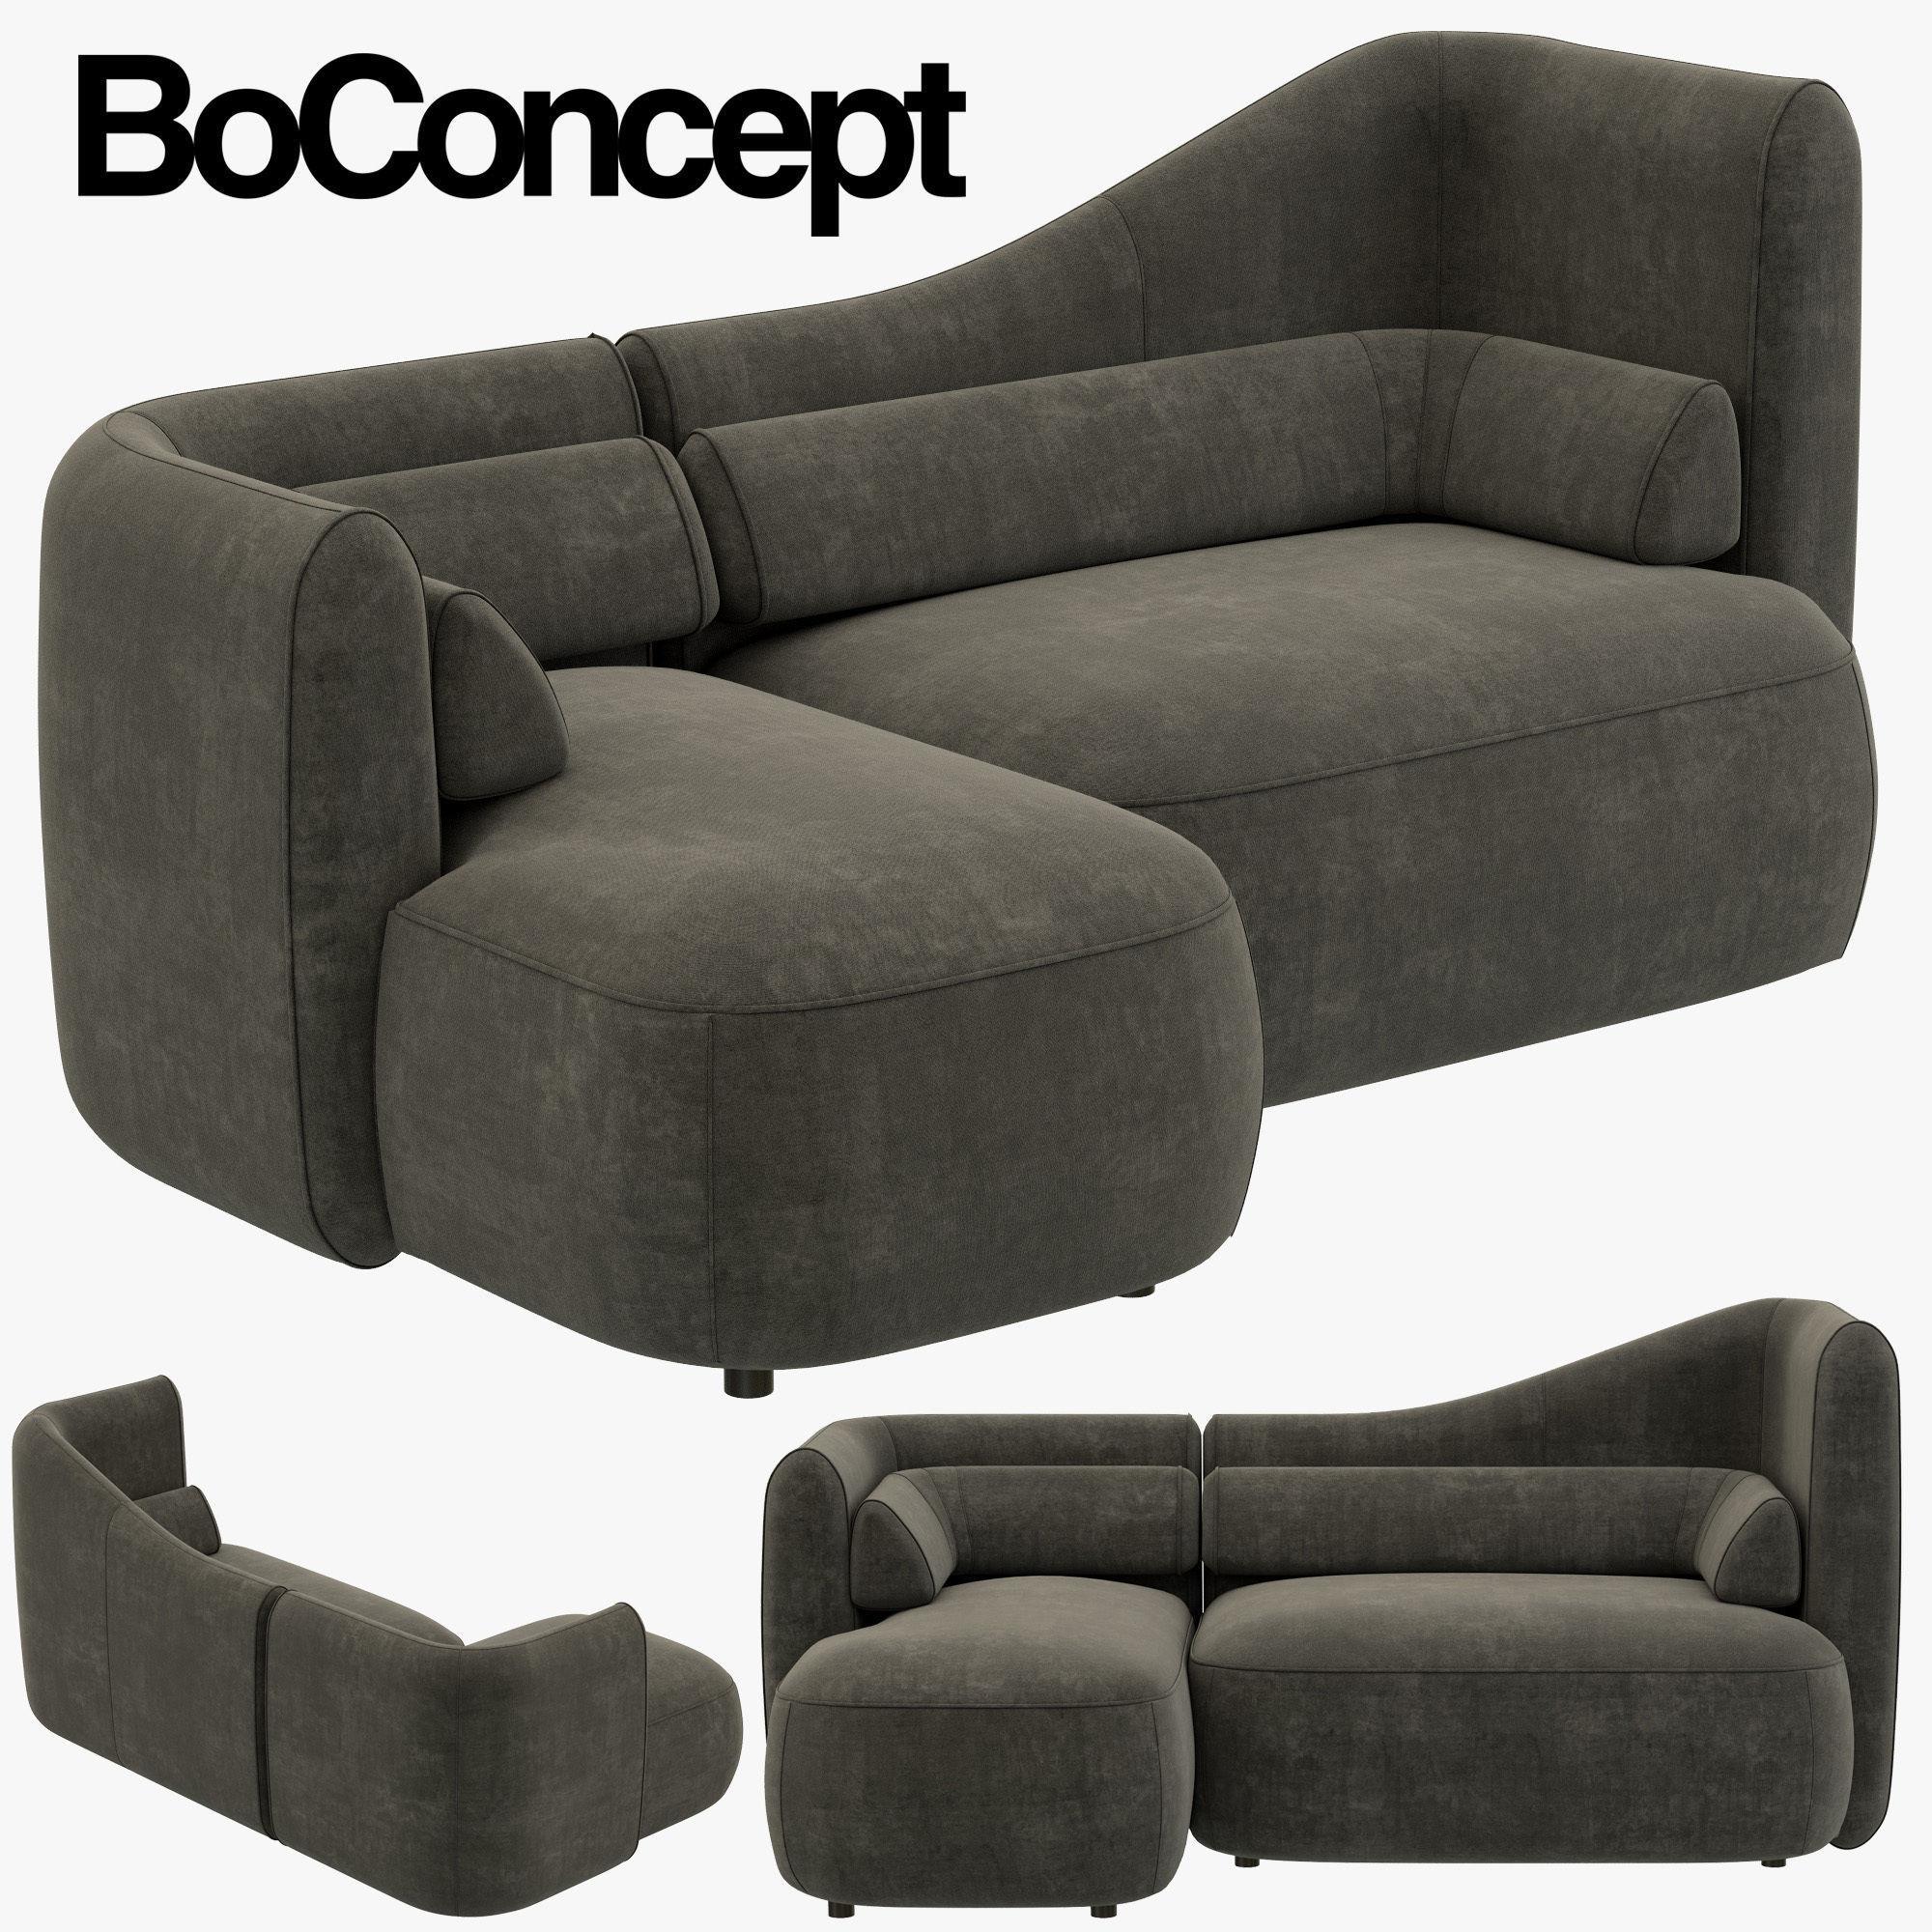 Boconcept Ottawa Sofa 3d Model Max Obj 3ds Fbx Mtl 1 ...